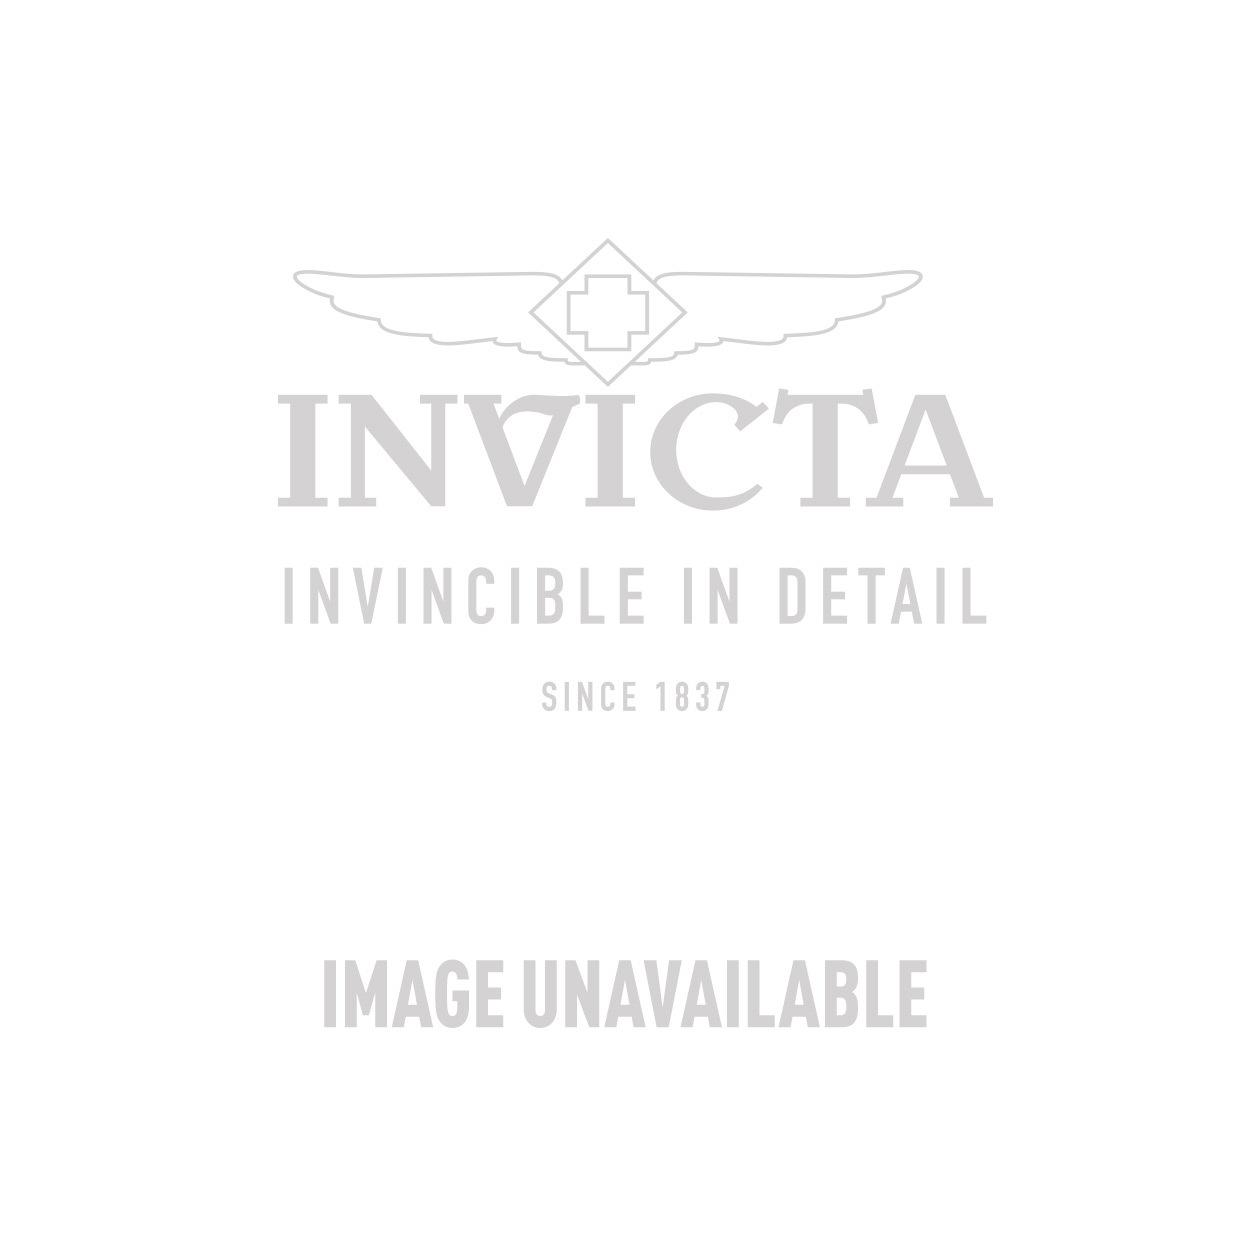 Invicta Model 27774